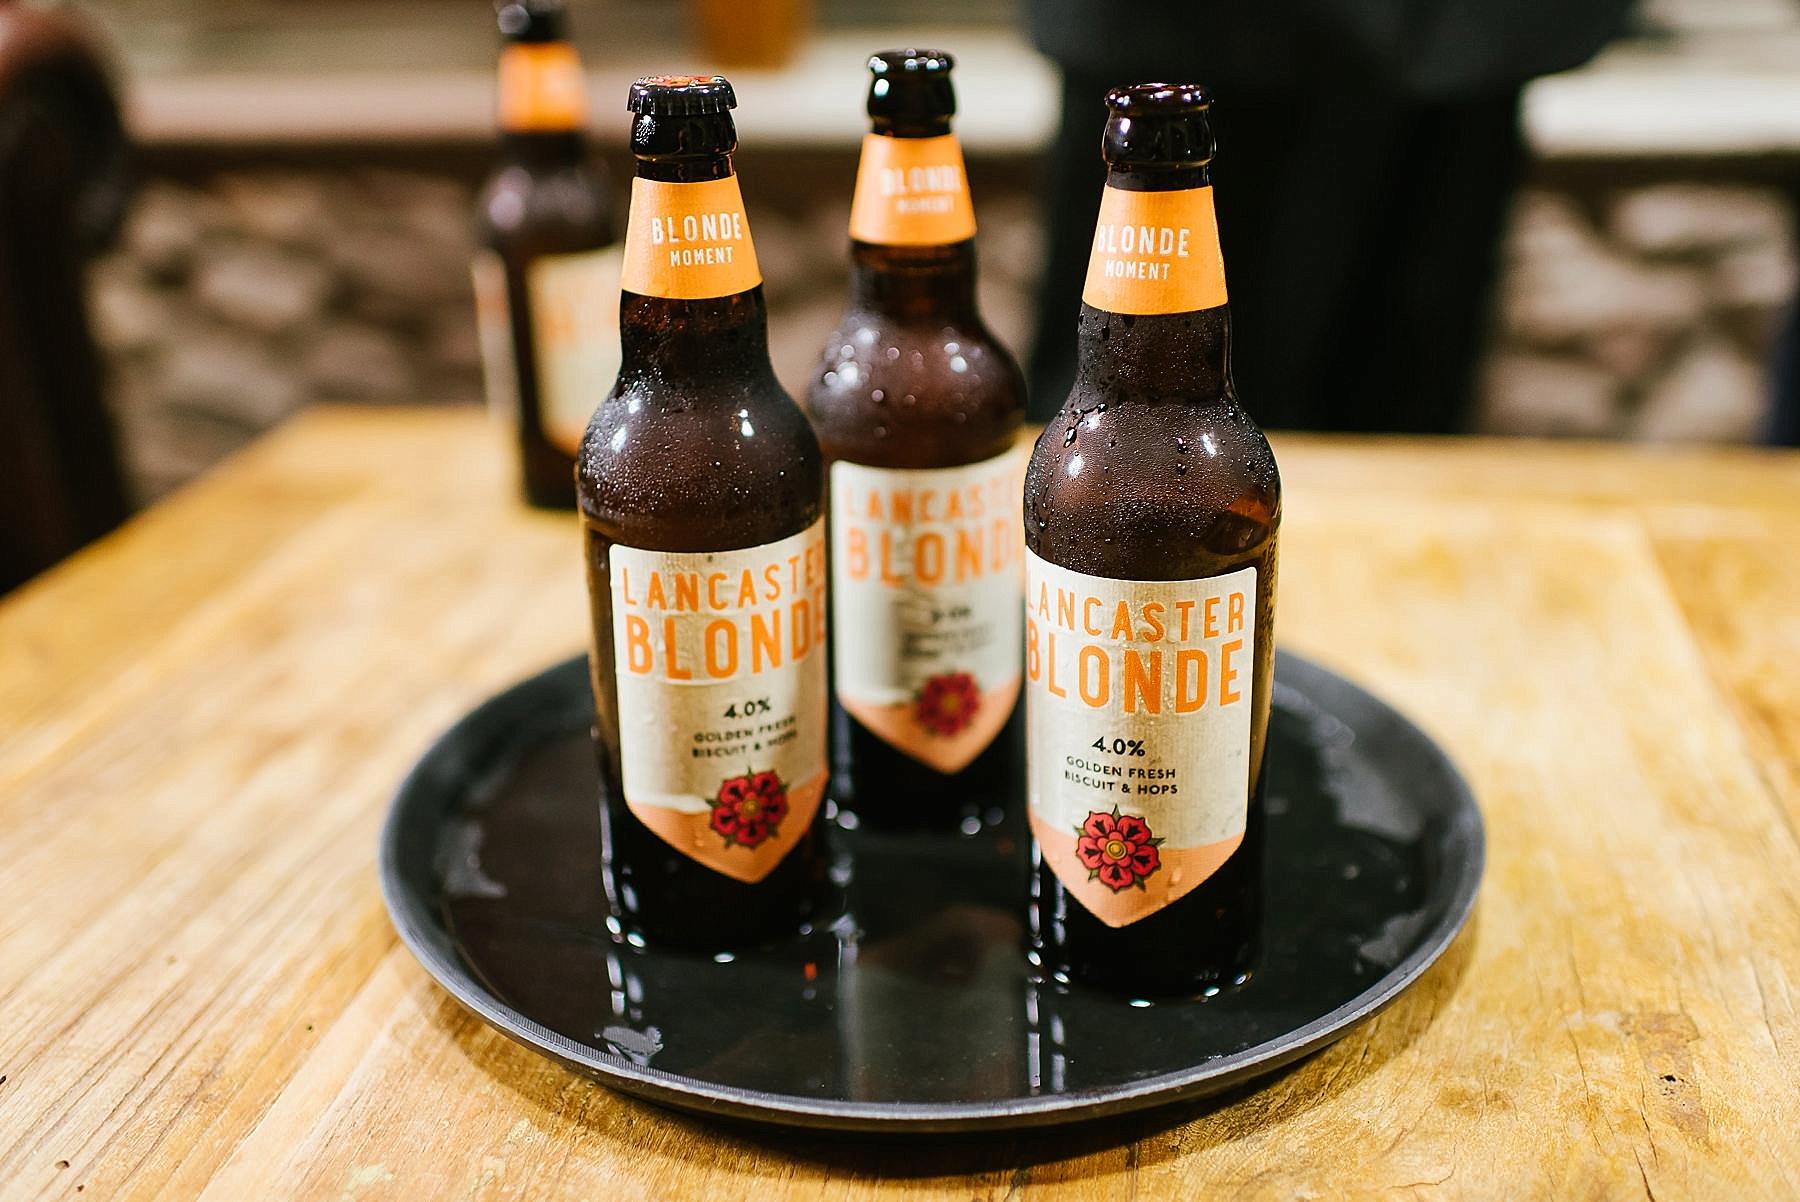 lancaster blonde beer bottles